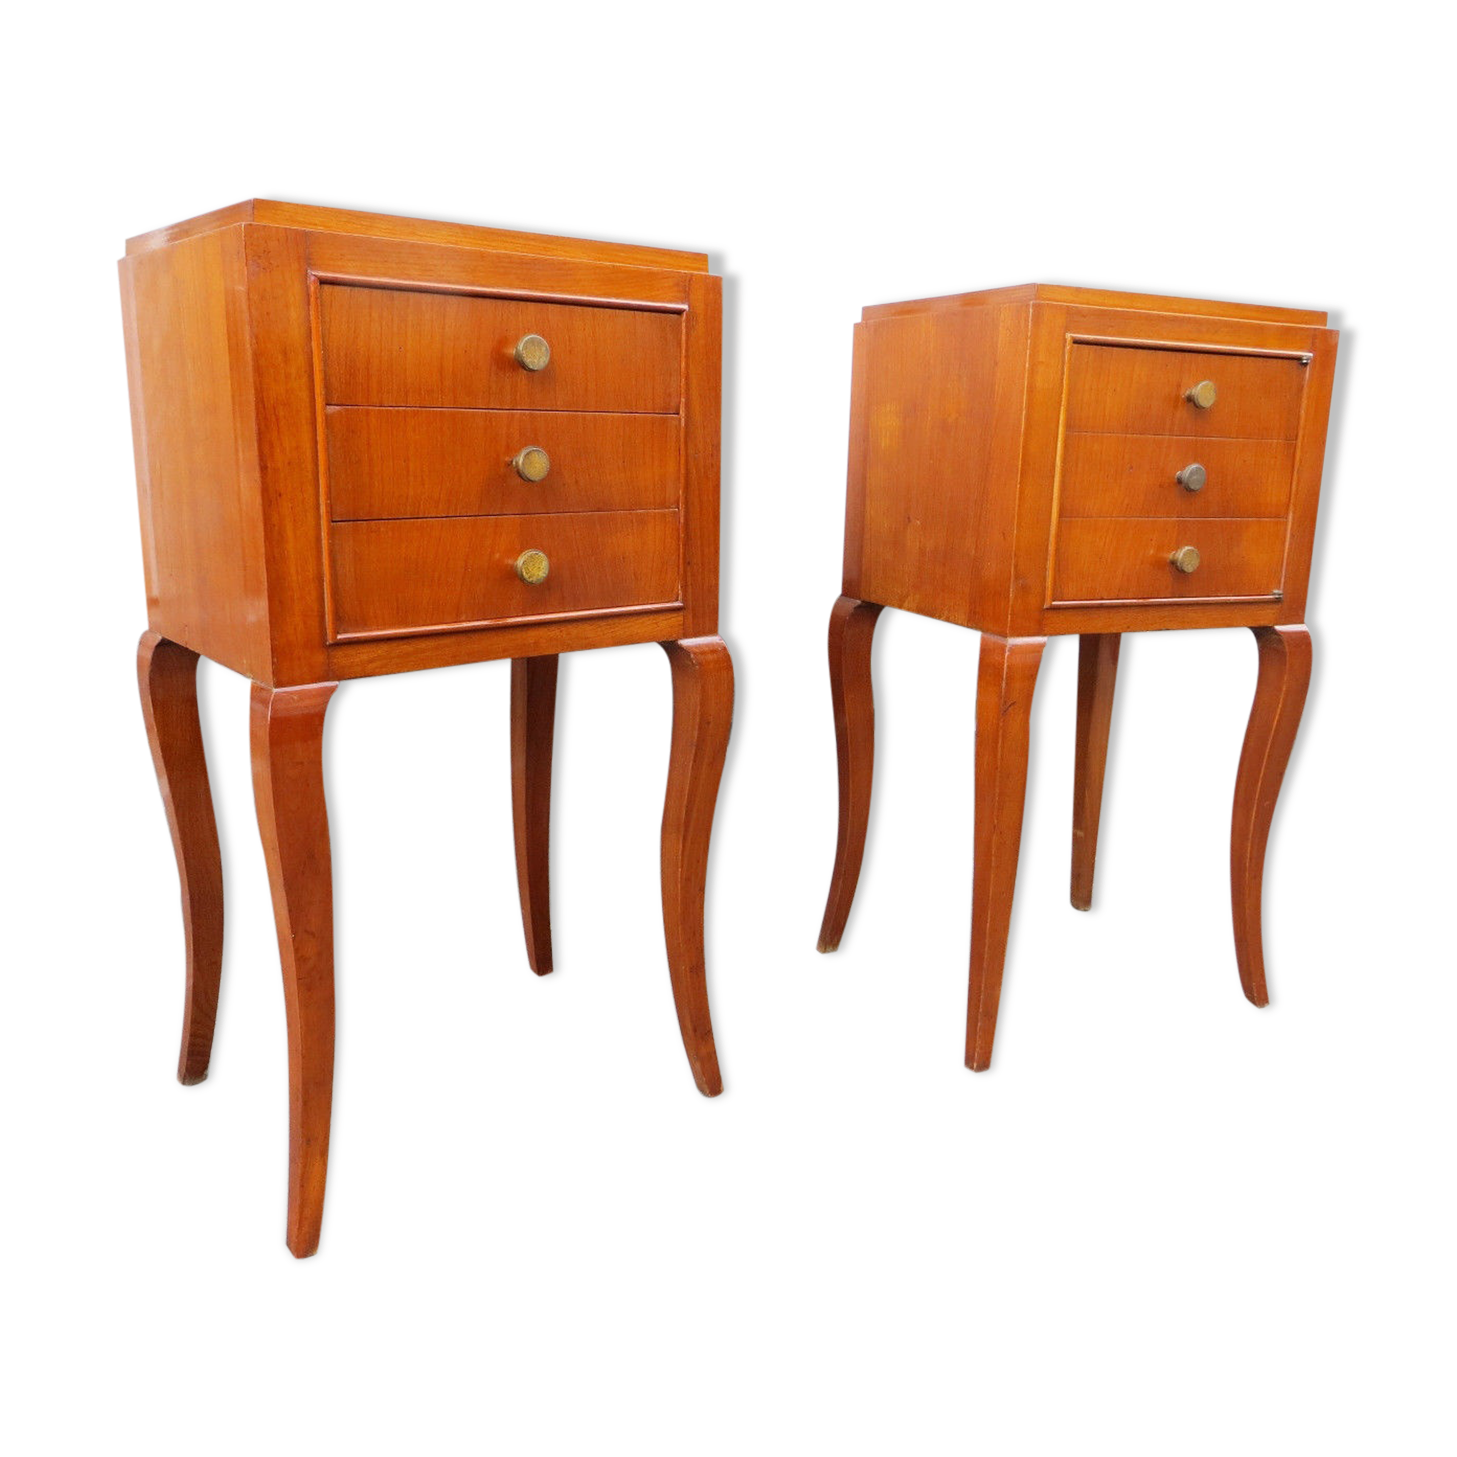 table de chevet jaune trendy table de chevet etroite tables nuit et chevets en rotin alin a. Black Bedroom Furniture Sets. Home Design Ideas